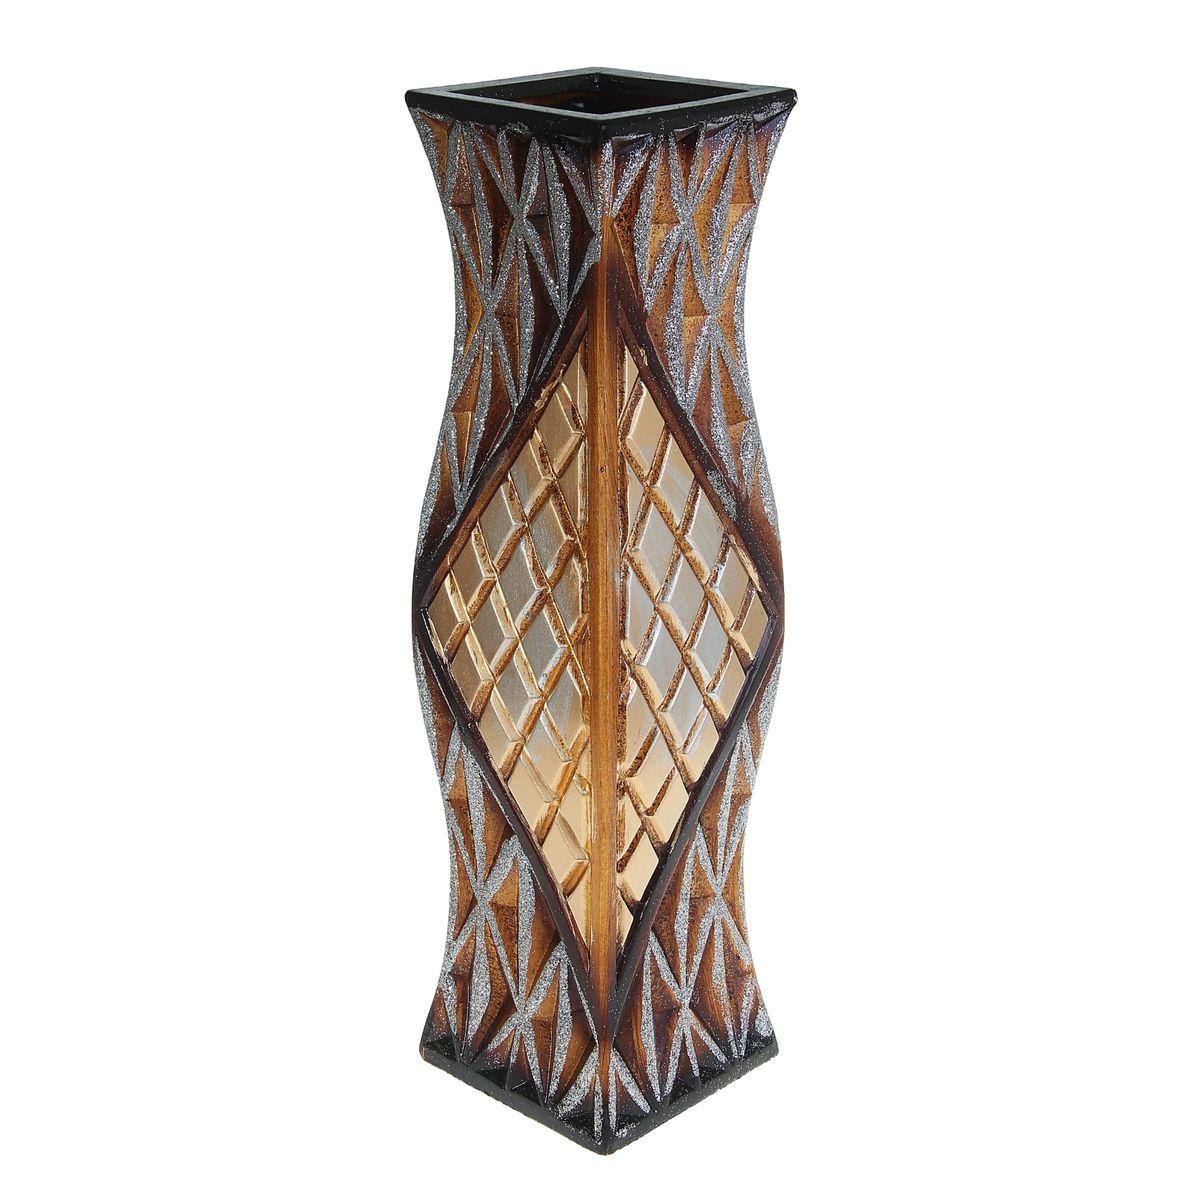 Ваза напольная Ромбы, цвет: коричневый, высота 60 см. 913778FS-91909Керамика